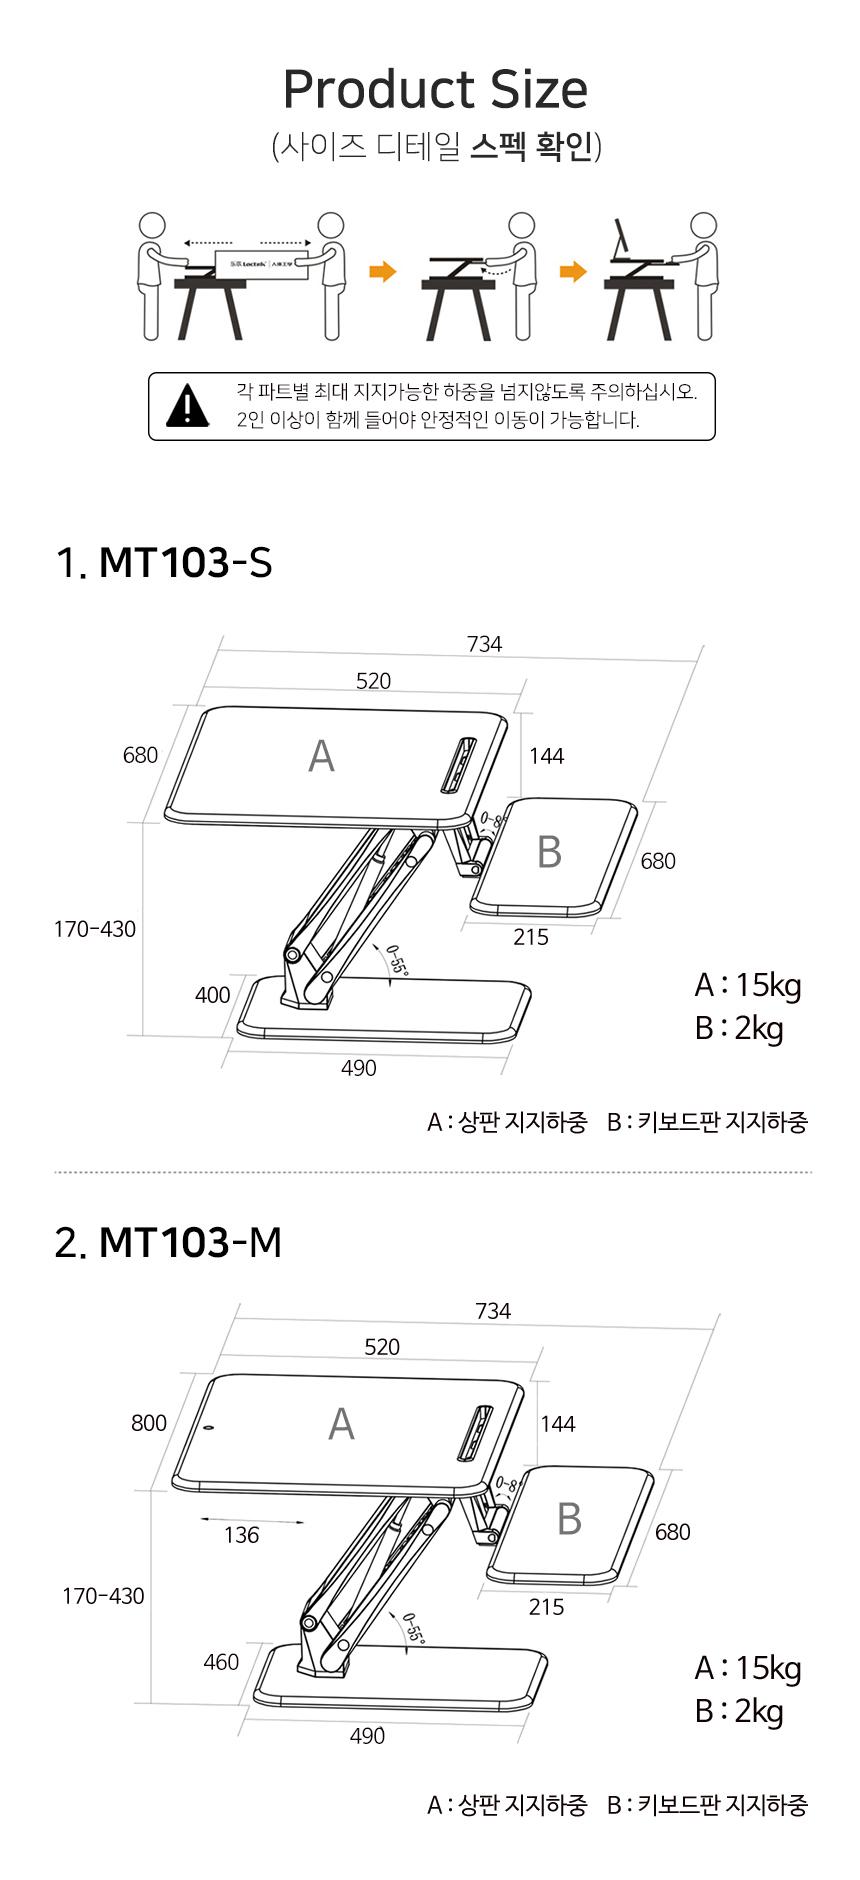 록텍 서서일하는 높이조절책상/MT103 - 천하지엘씨, 380,000원, 책상/의자, 컴퓨터/사무용 책상